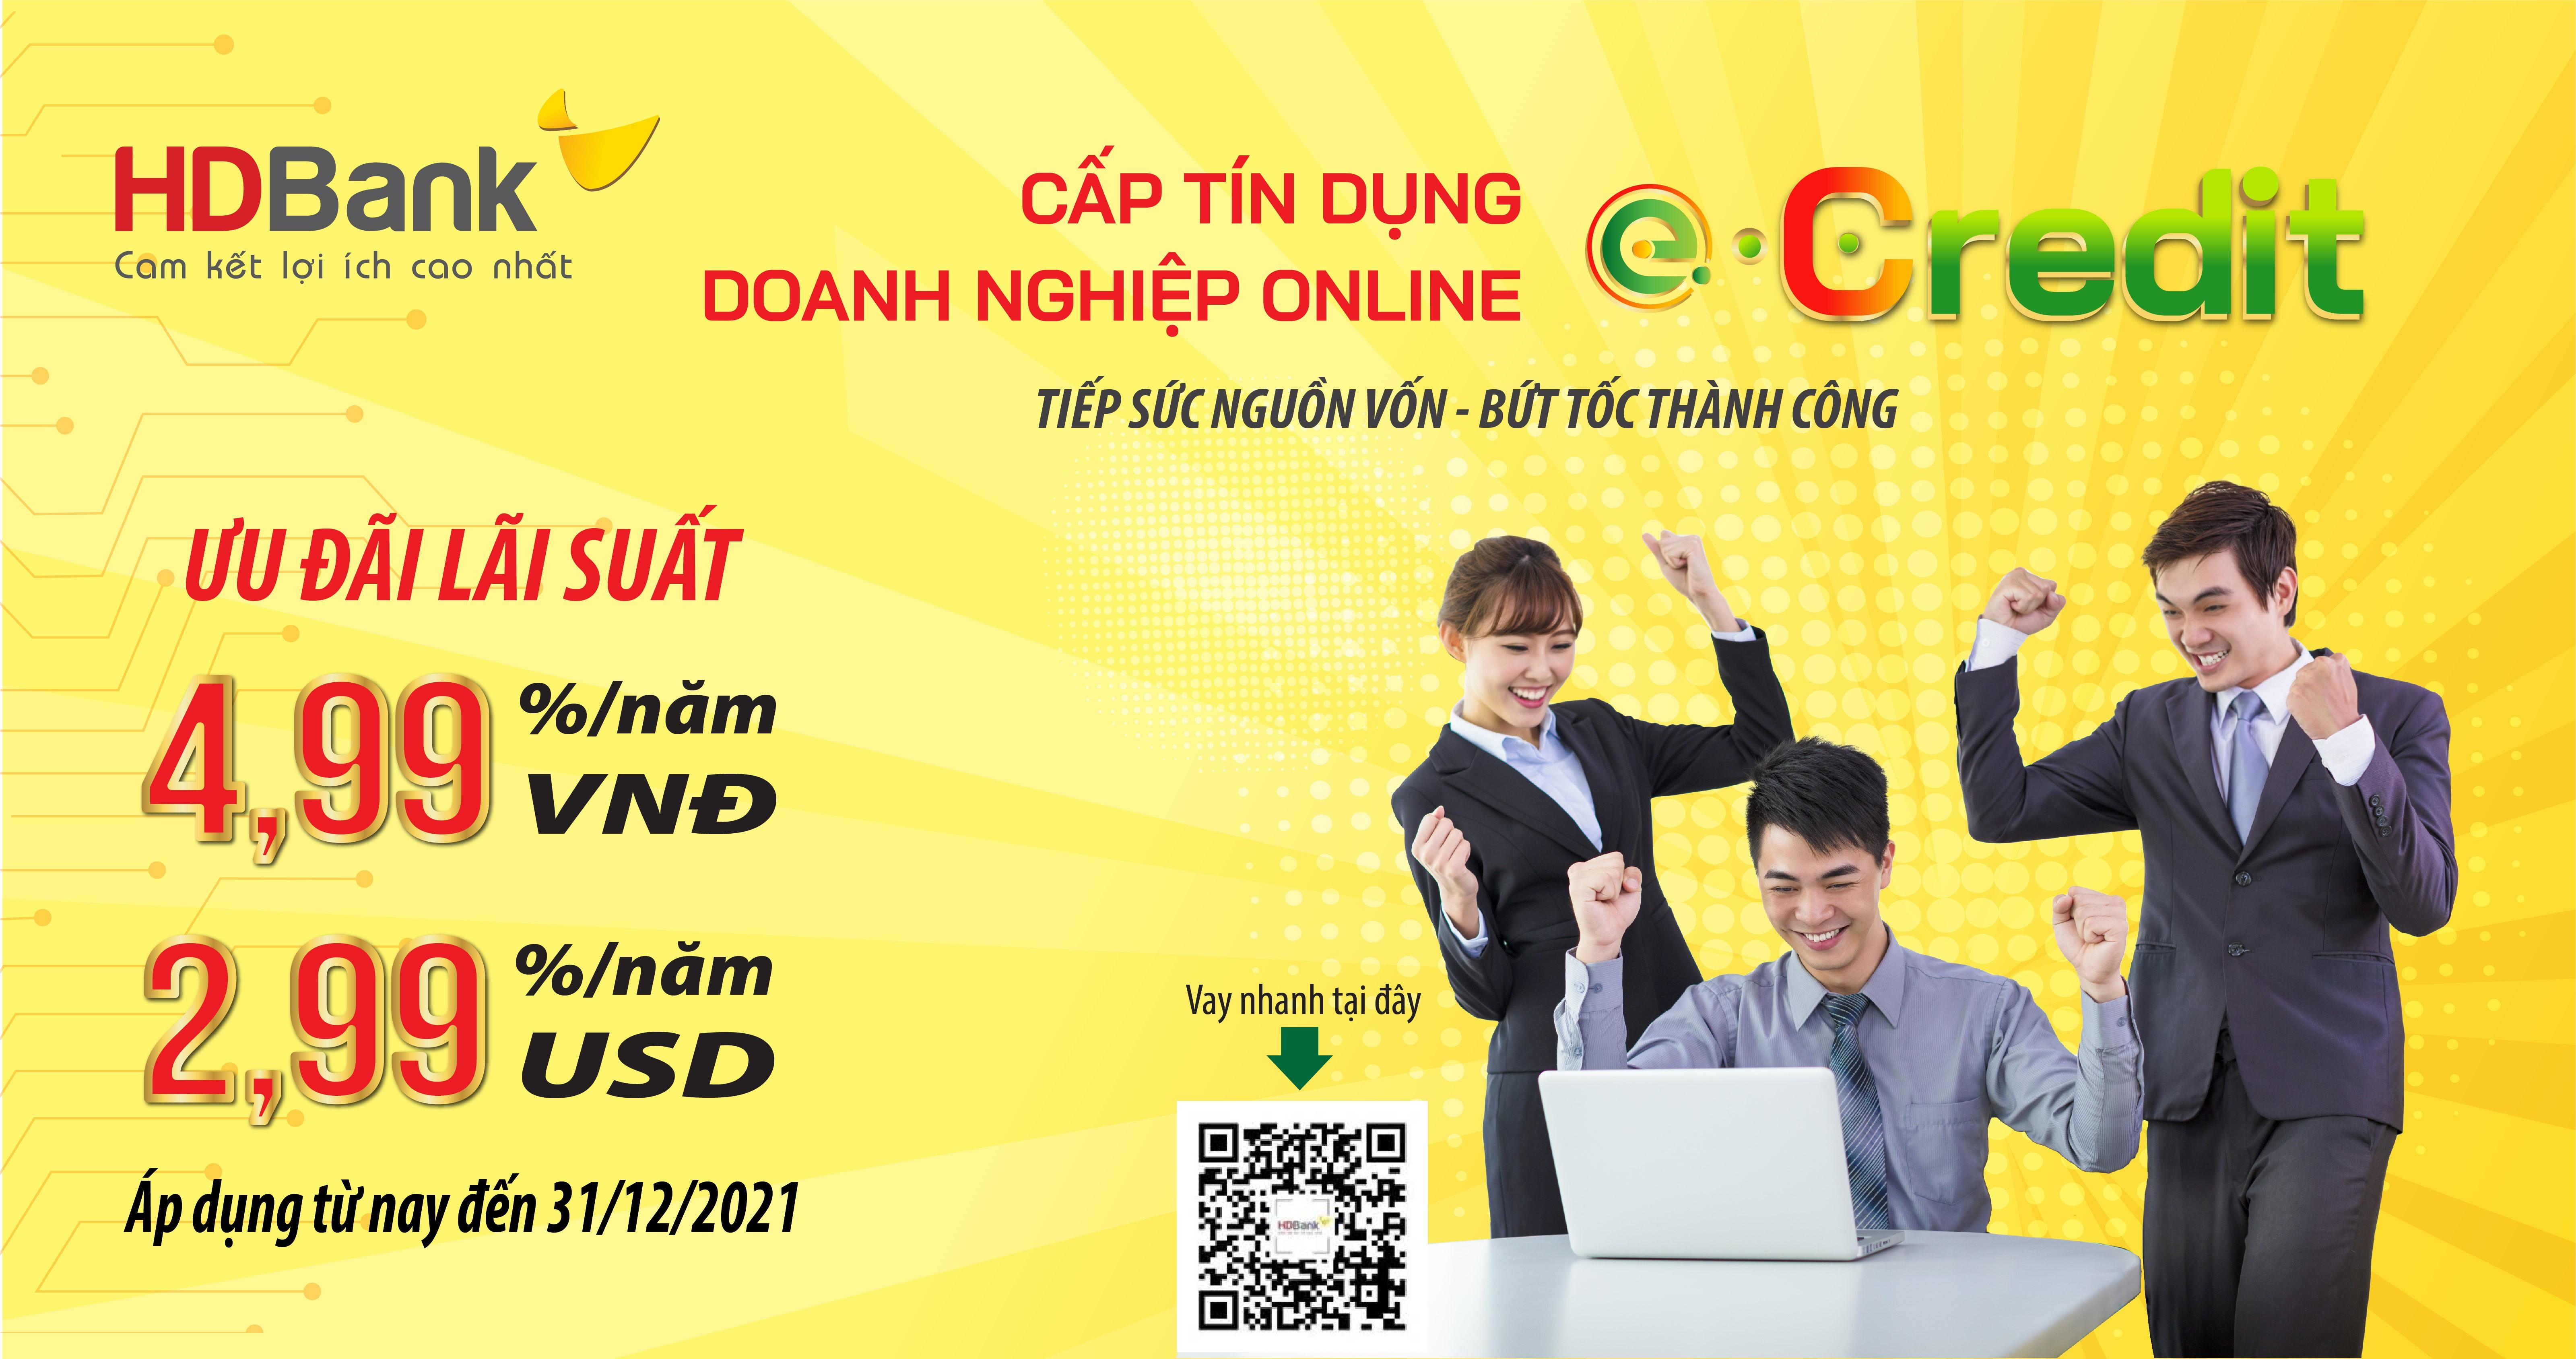 Cấp tín dụng Doanh nghiệp online 24H